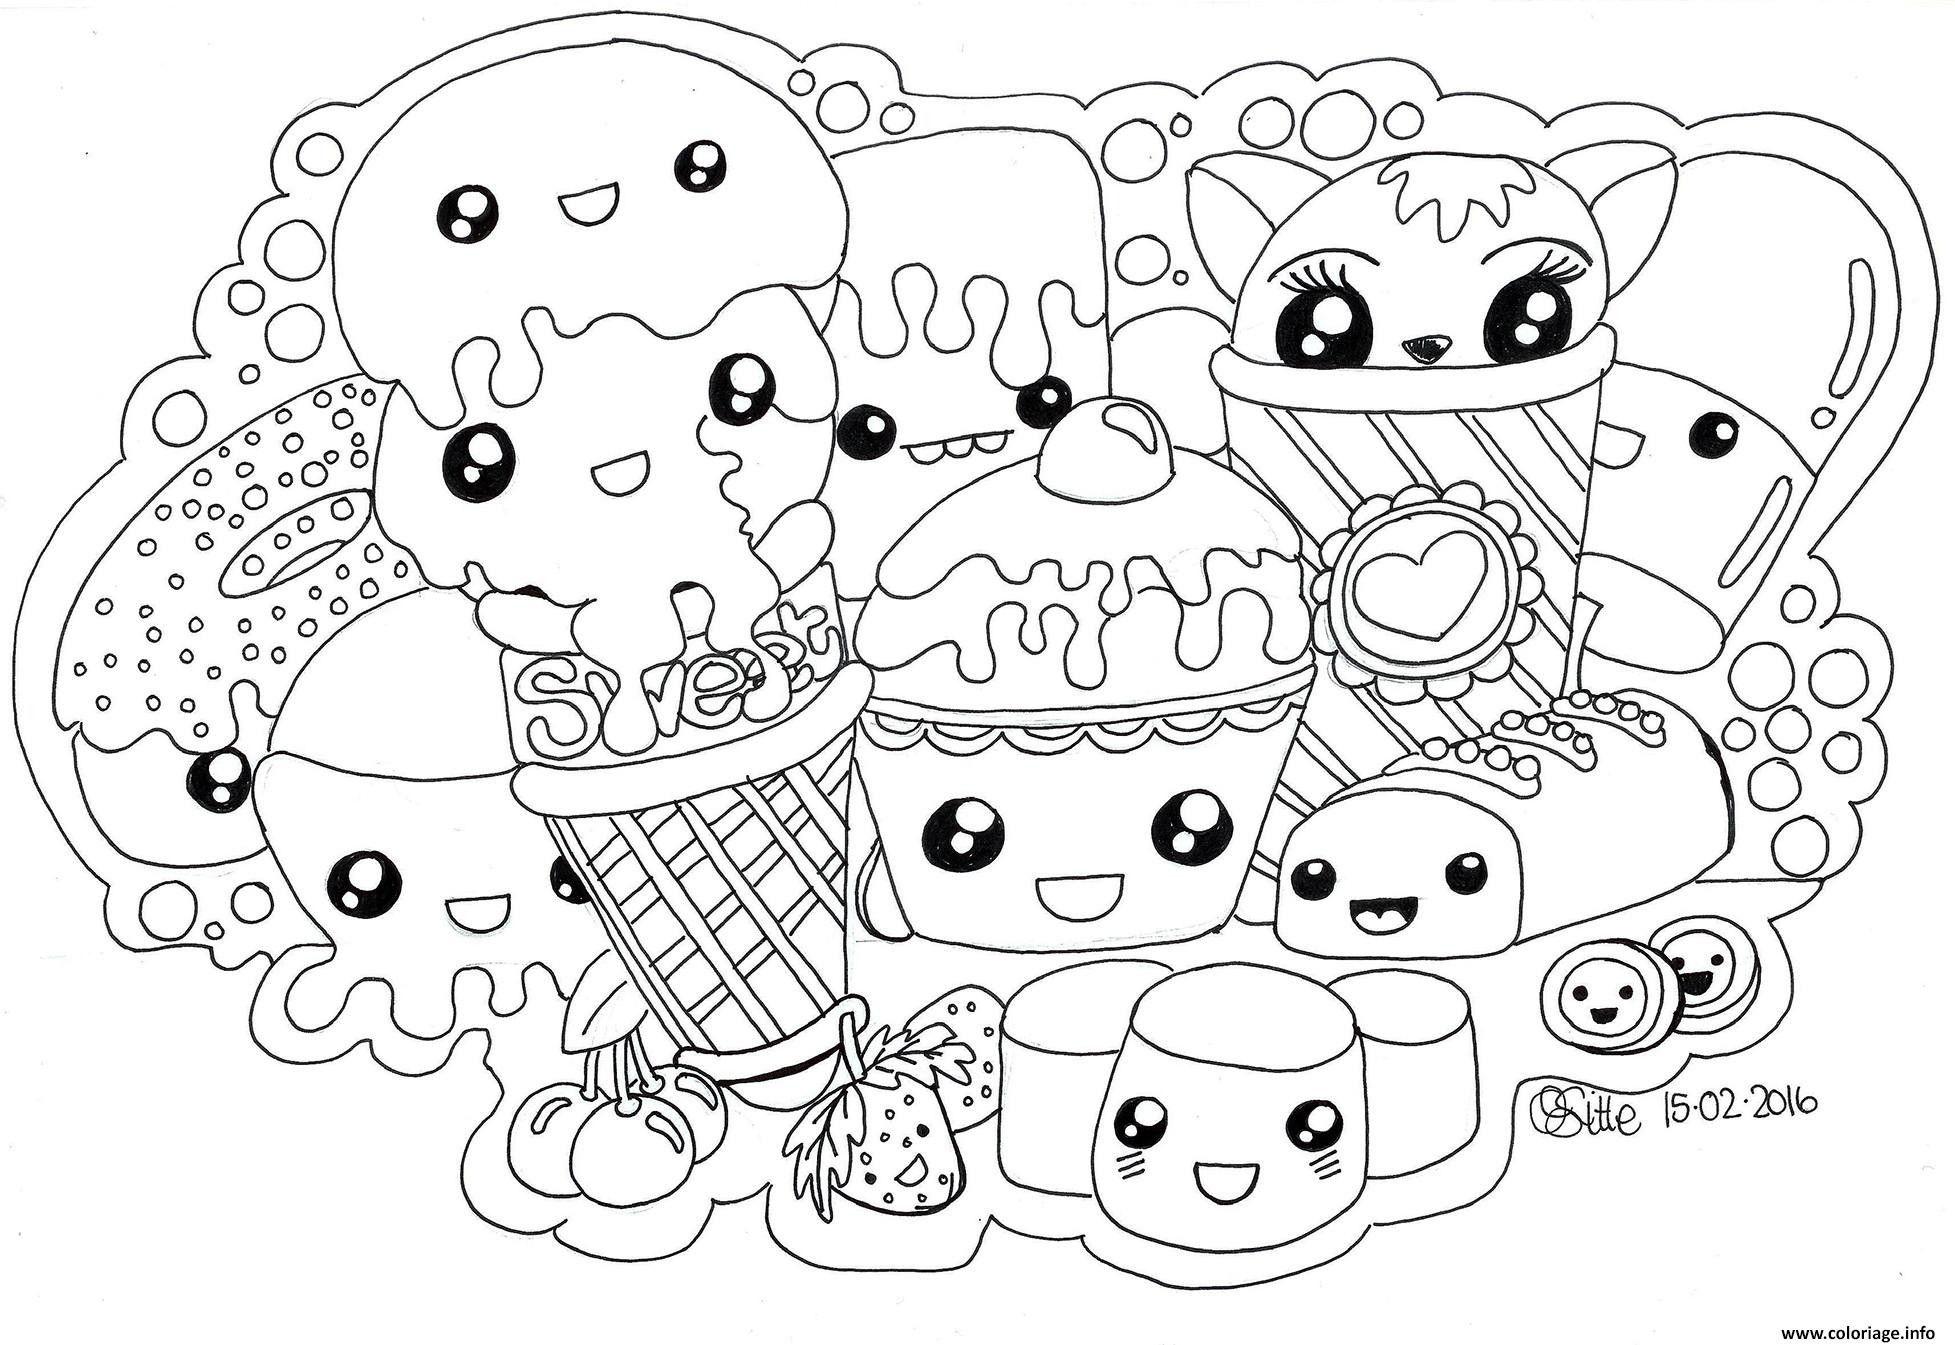 Pin Van Lona Op Licornes Kawaii Tekeningen Kleurplaten Doodle Ideeen